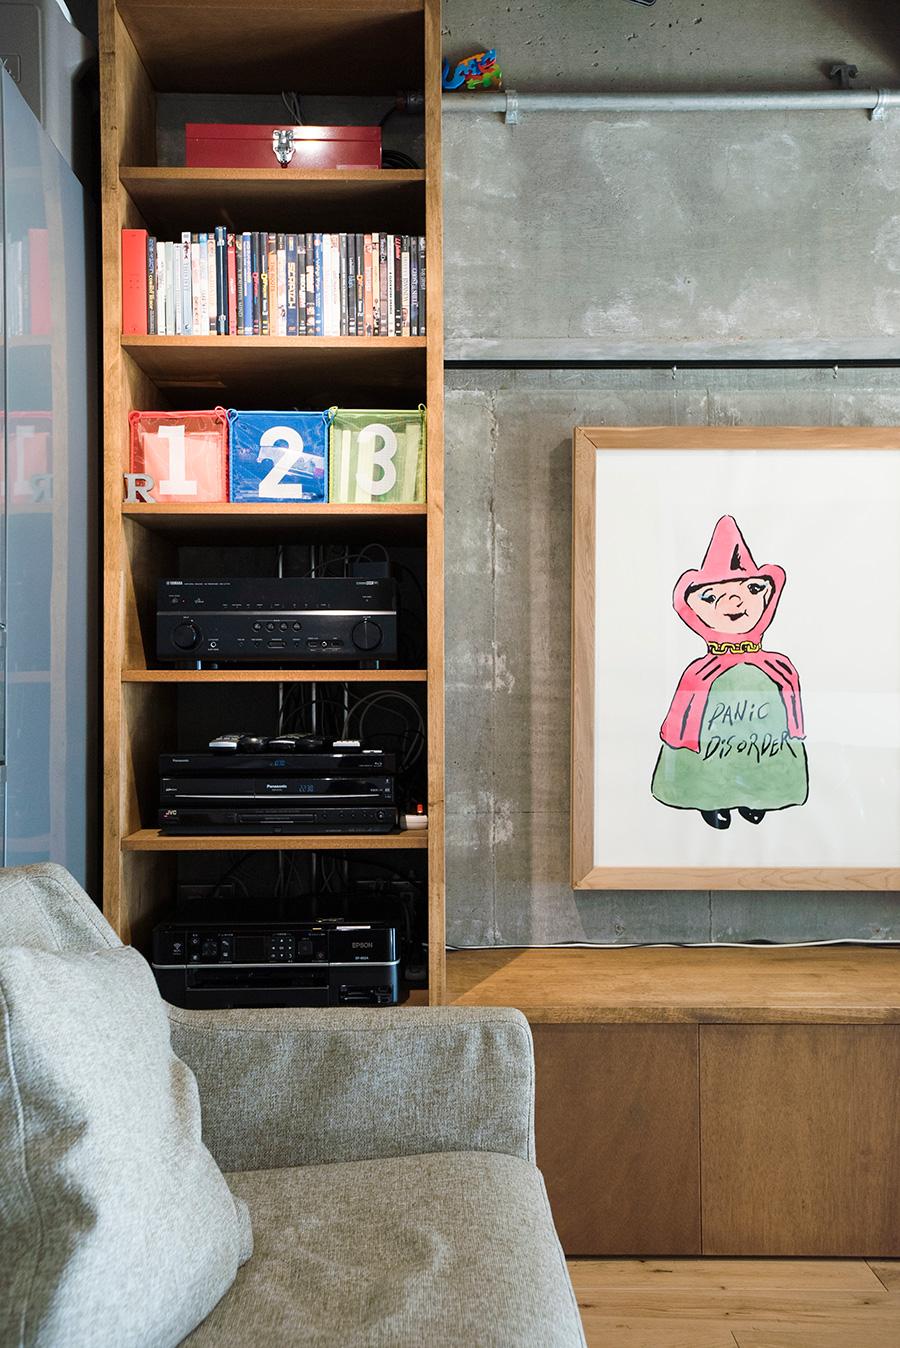 中に収めるもののサイズを細かく計り造作した棚。壁にはアーティスト我喜屋位瑳務の作品を飾る。